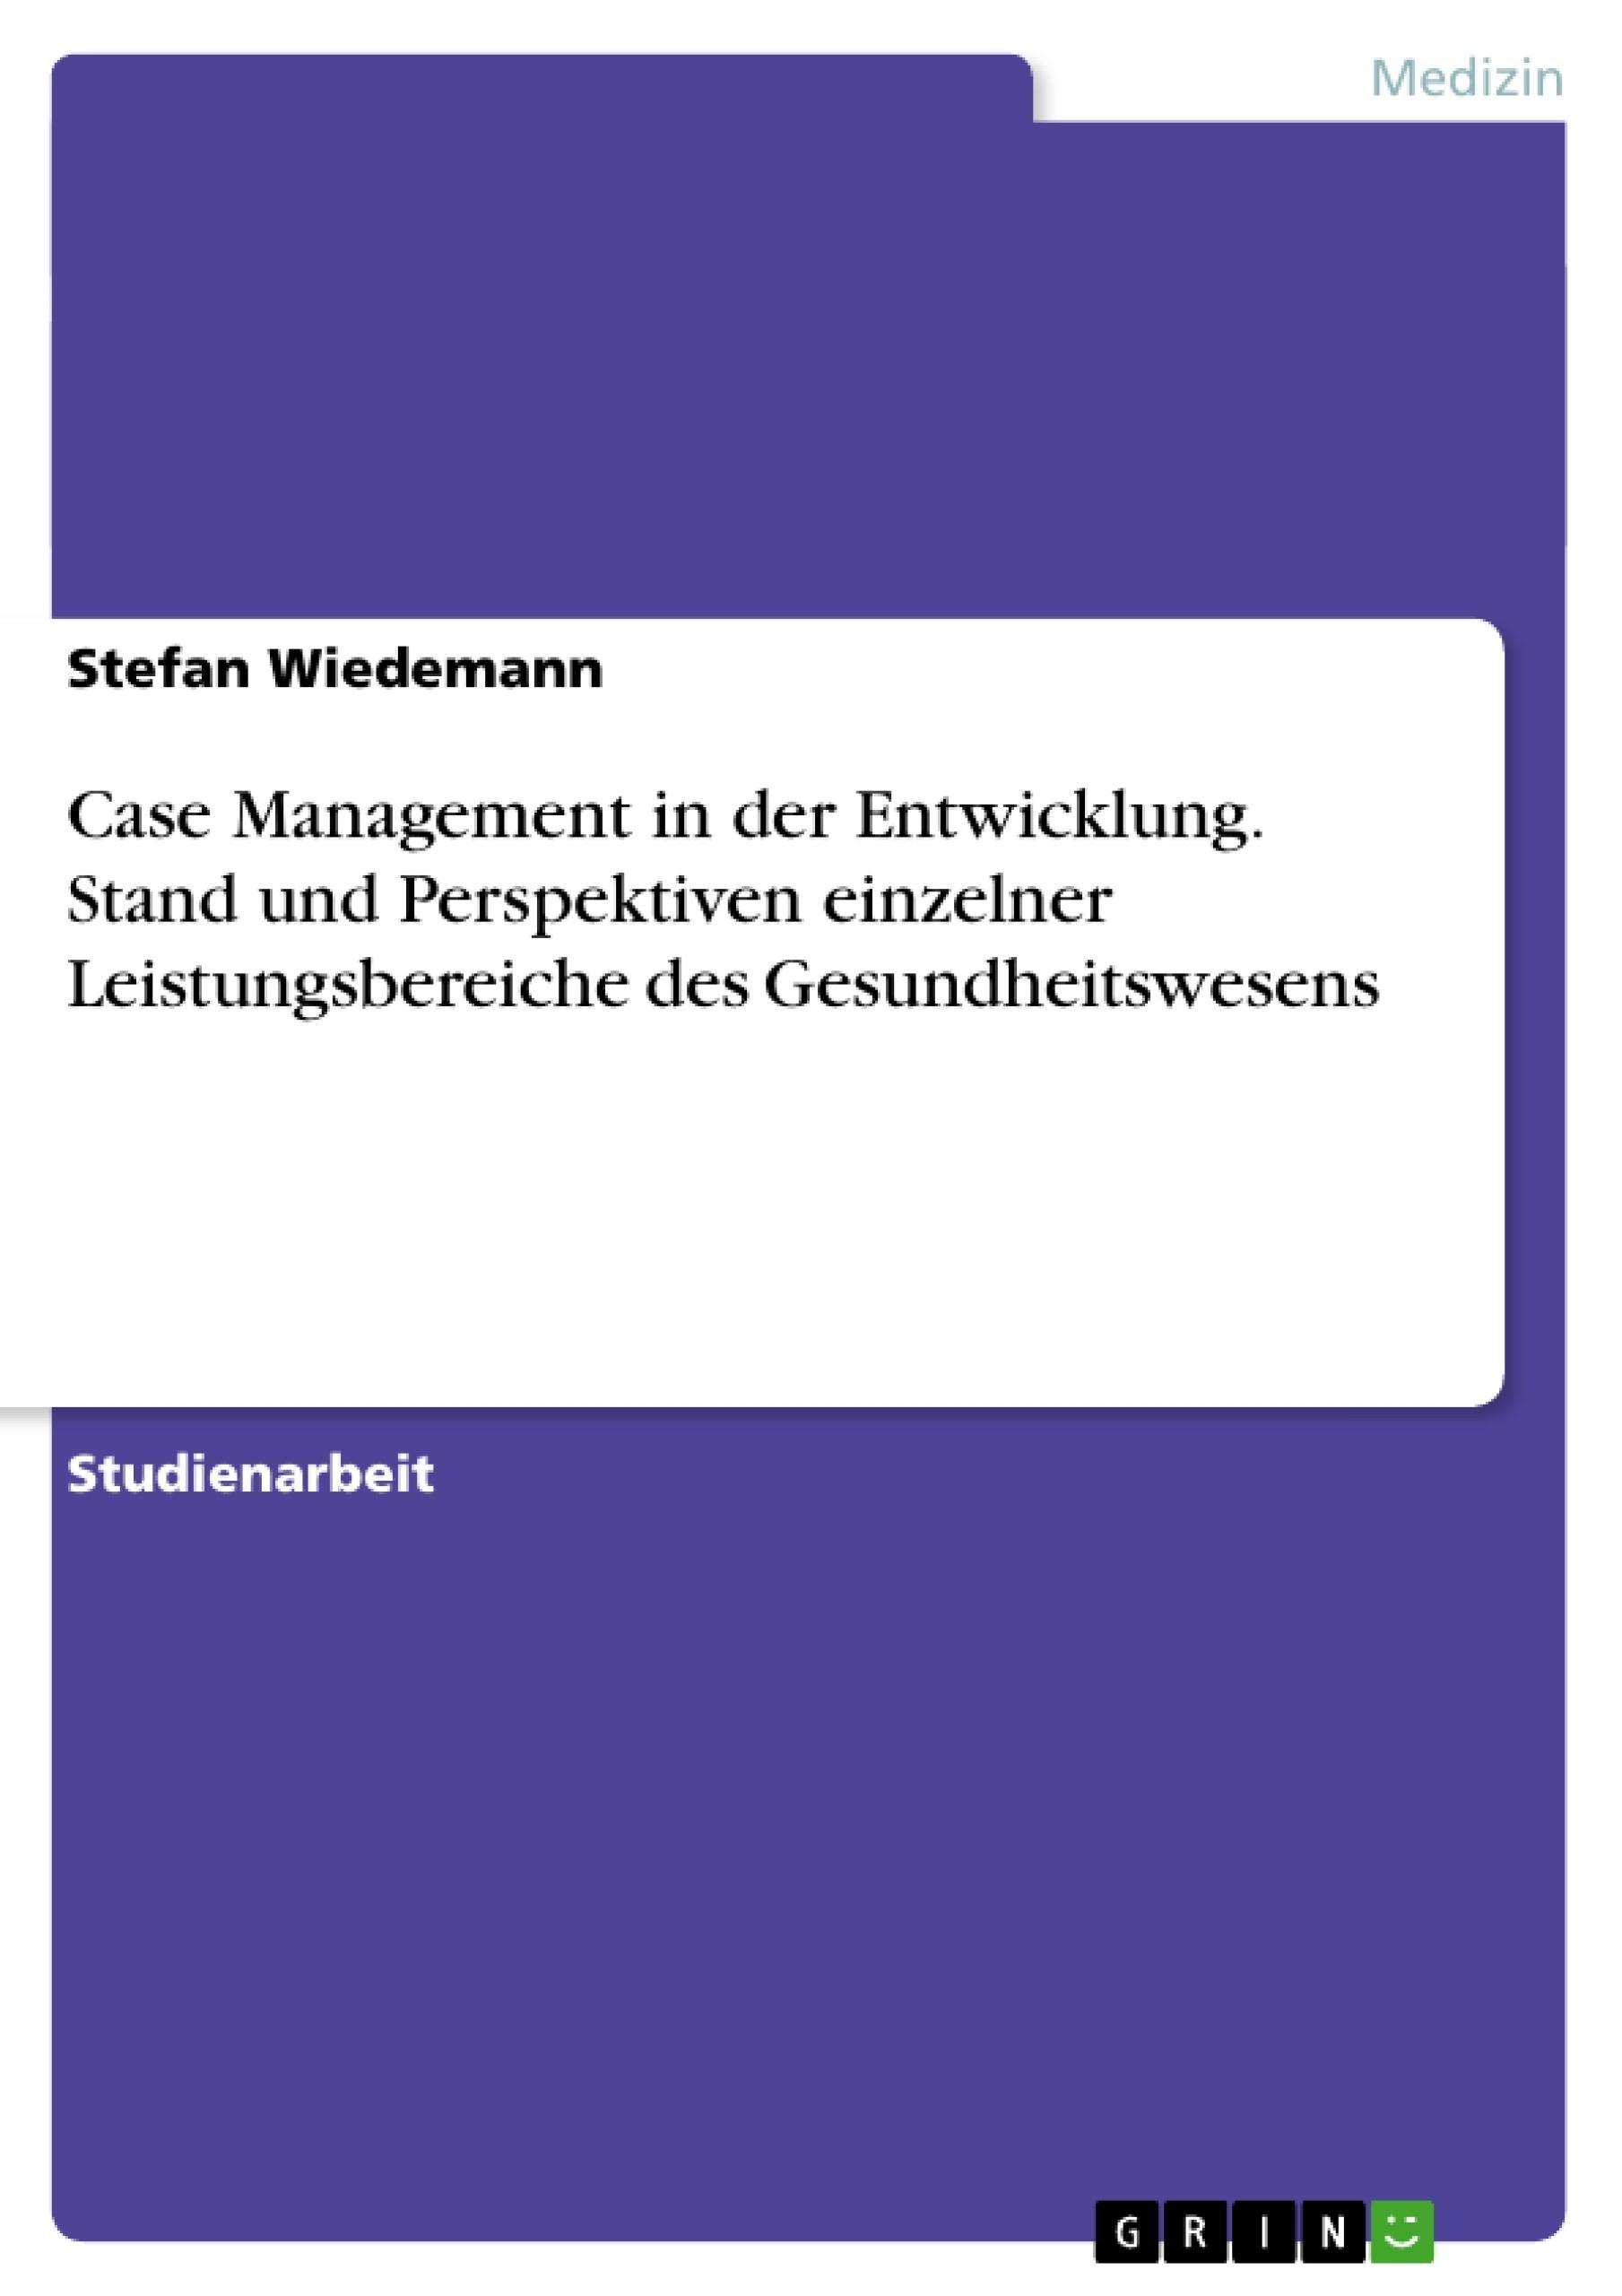 Titel: Case Management in der Entwicklung. Stand und Perspektiven einzelner Leistungsbereiche des Gesundheitswesens